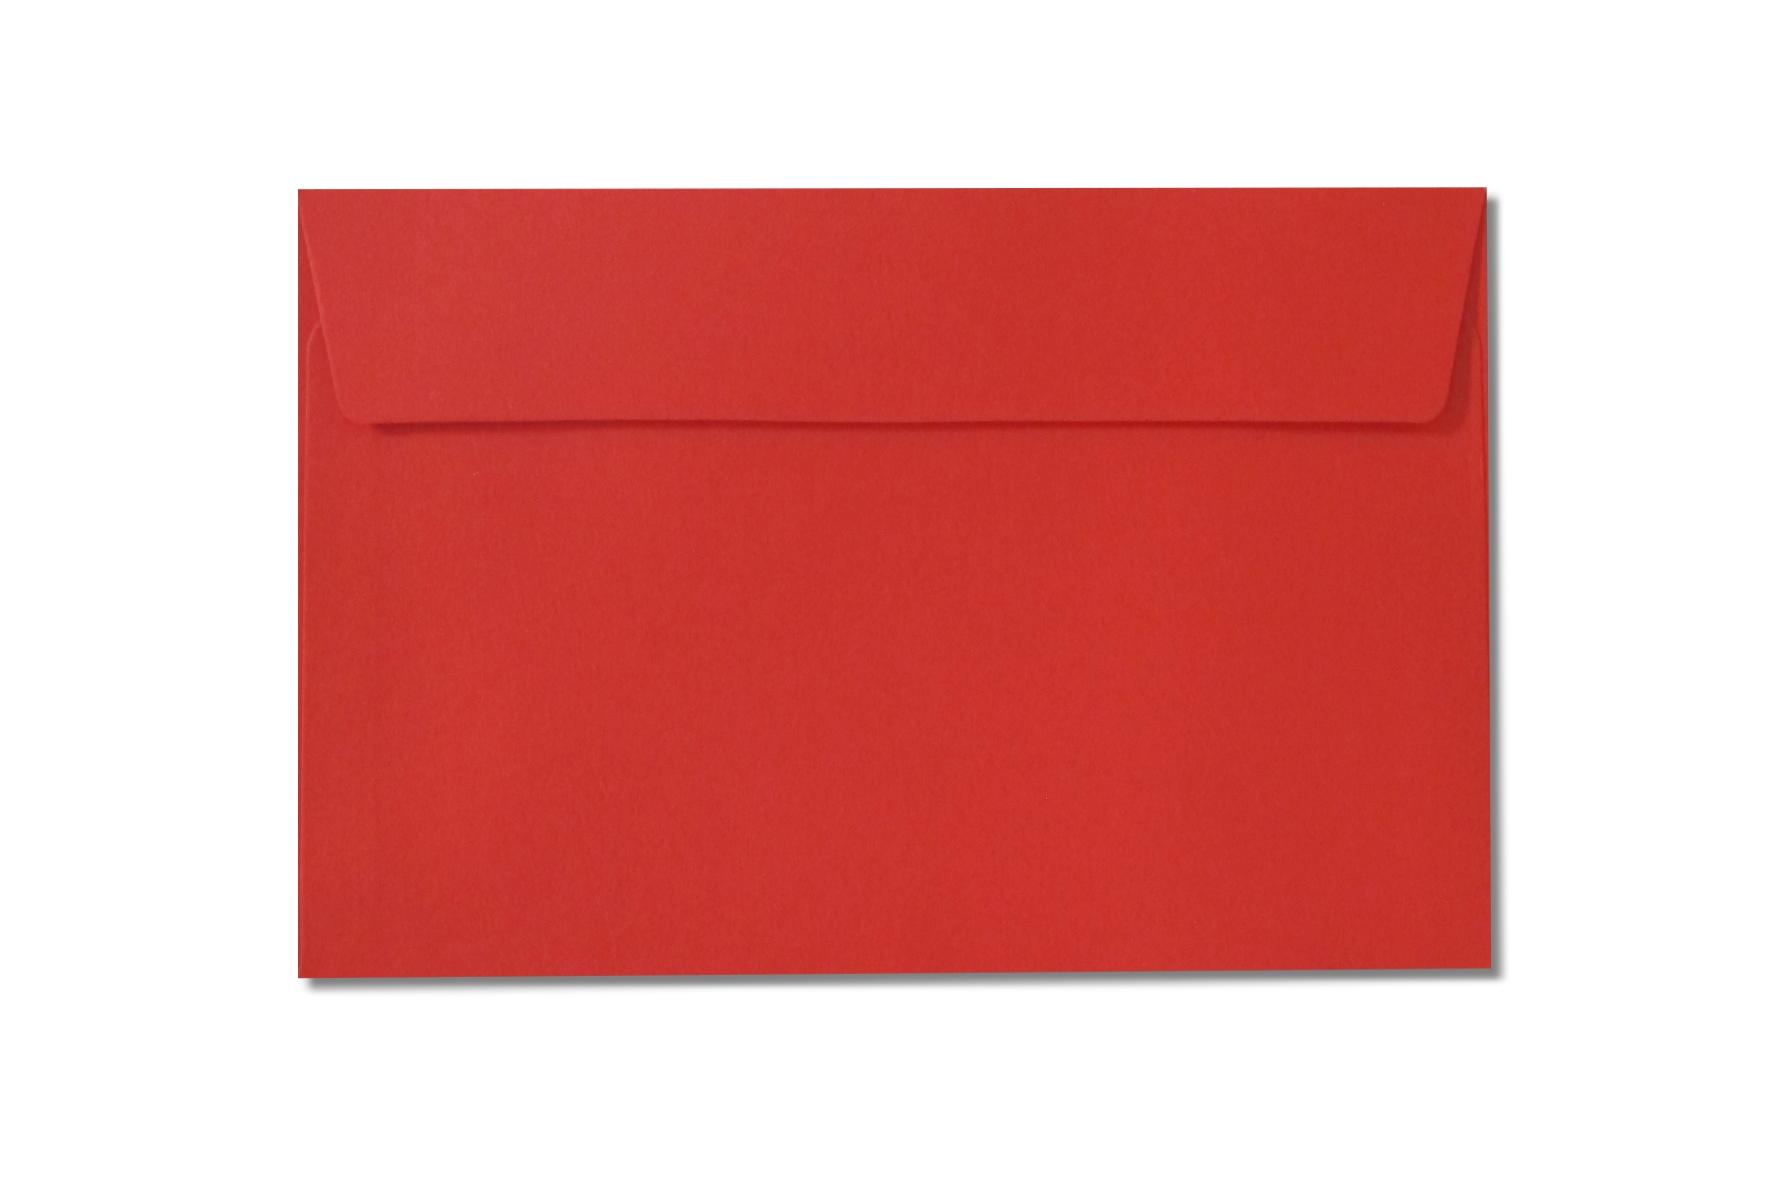 c6 red envelopes